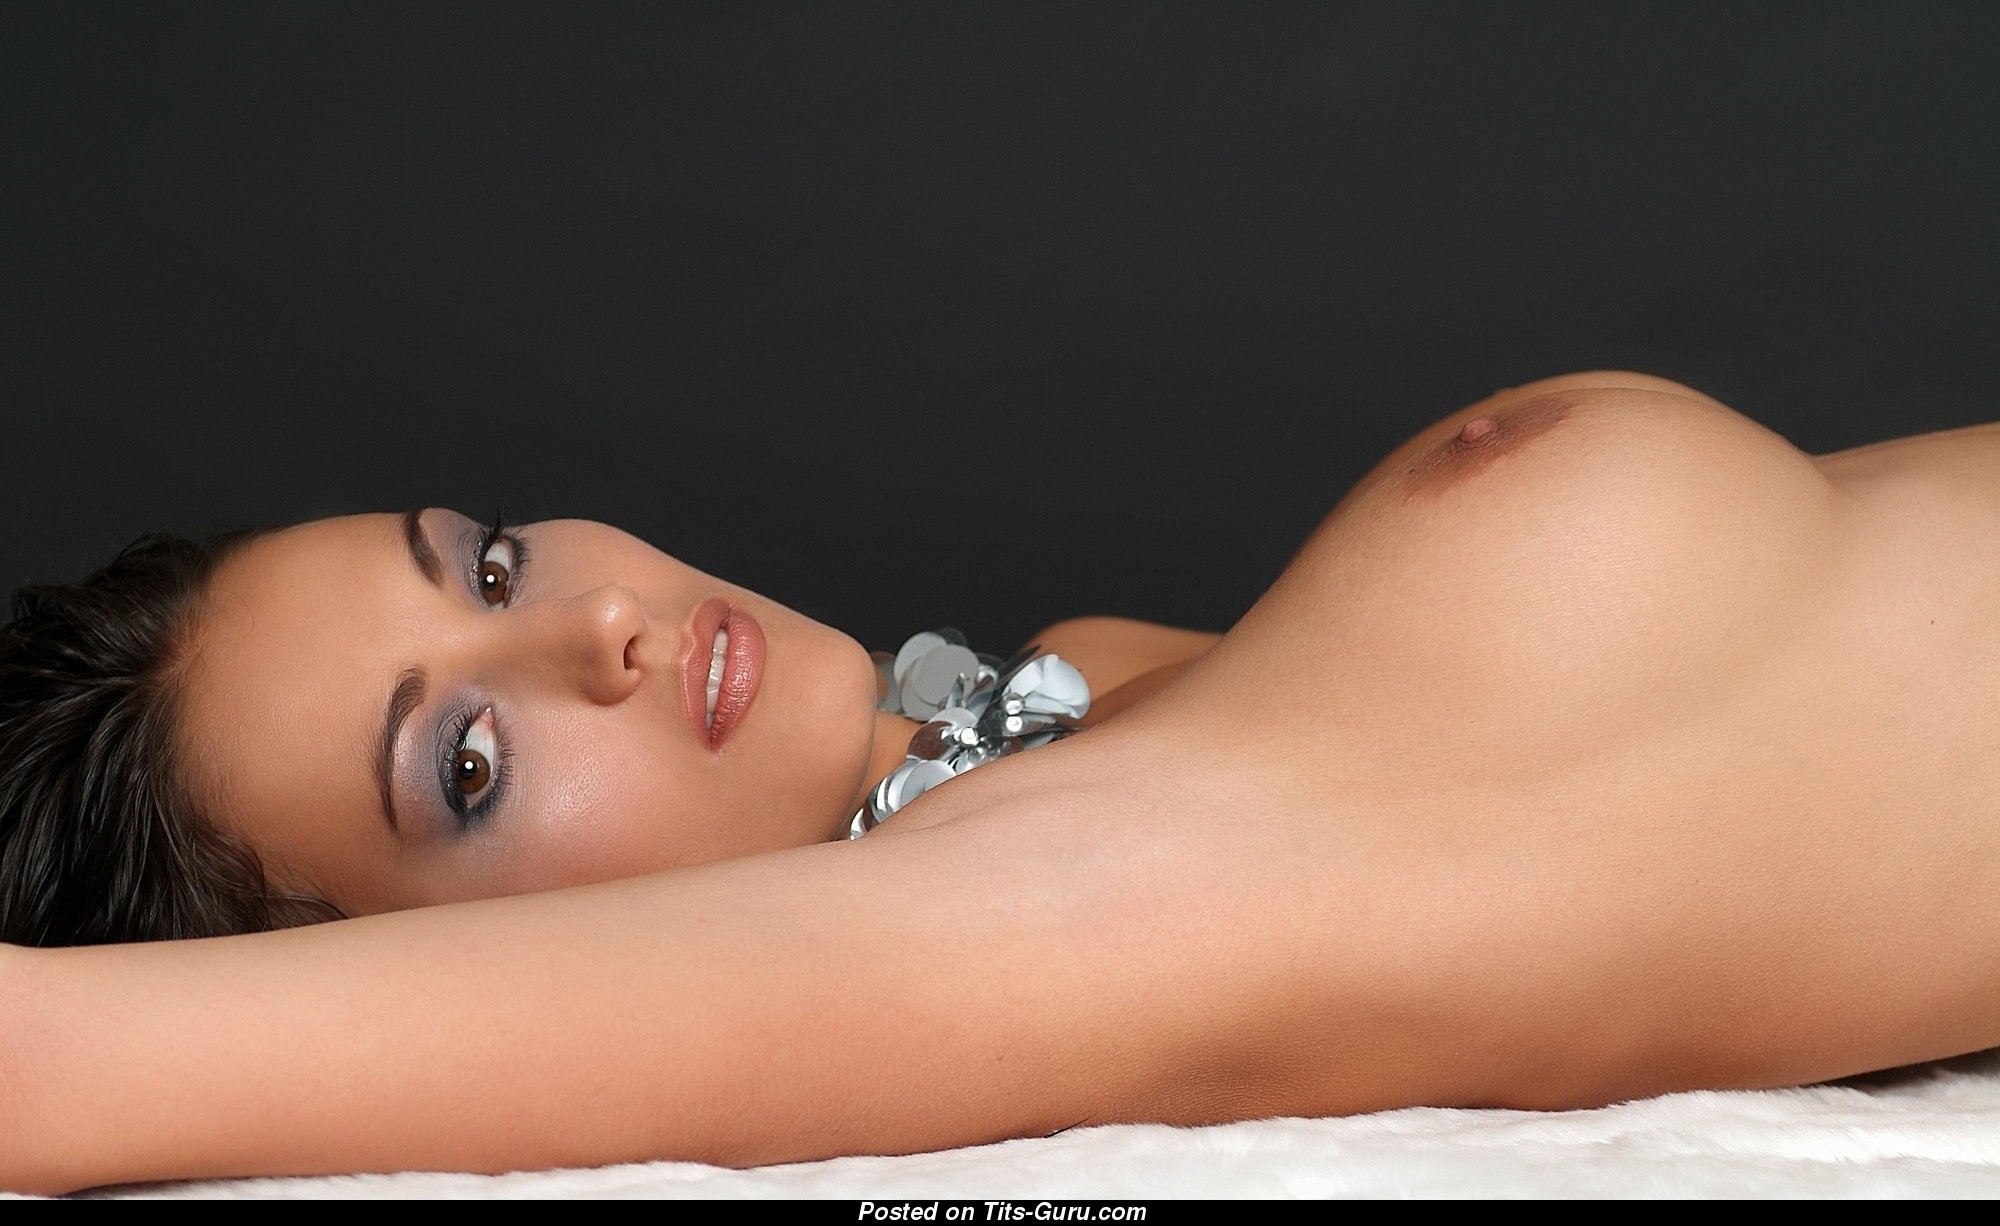 Zsuzsanna Ripli - Fine Chick with Pretty Defenseless Ddd ...